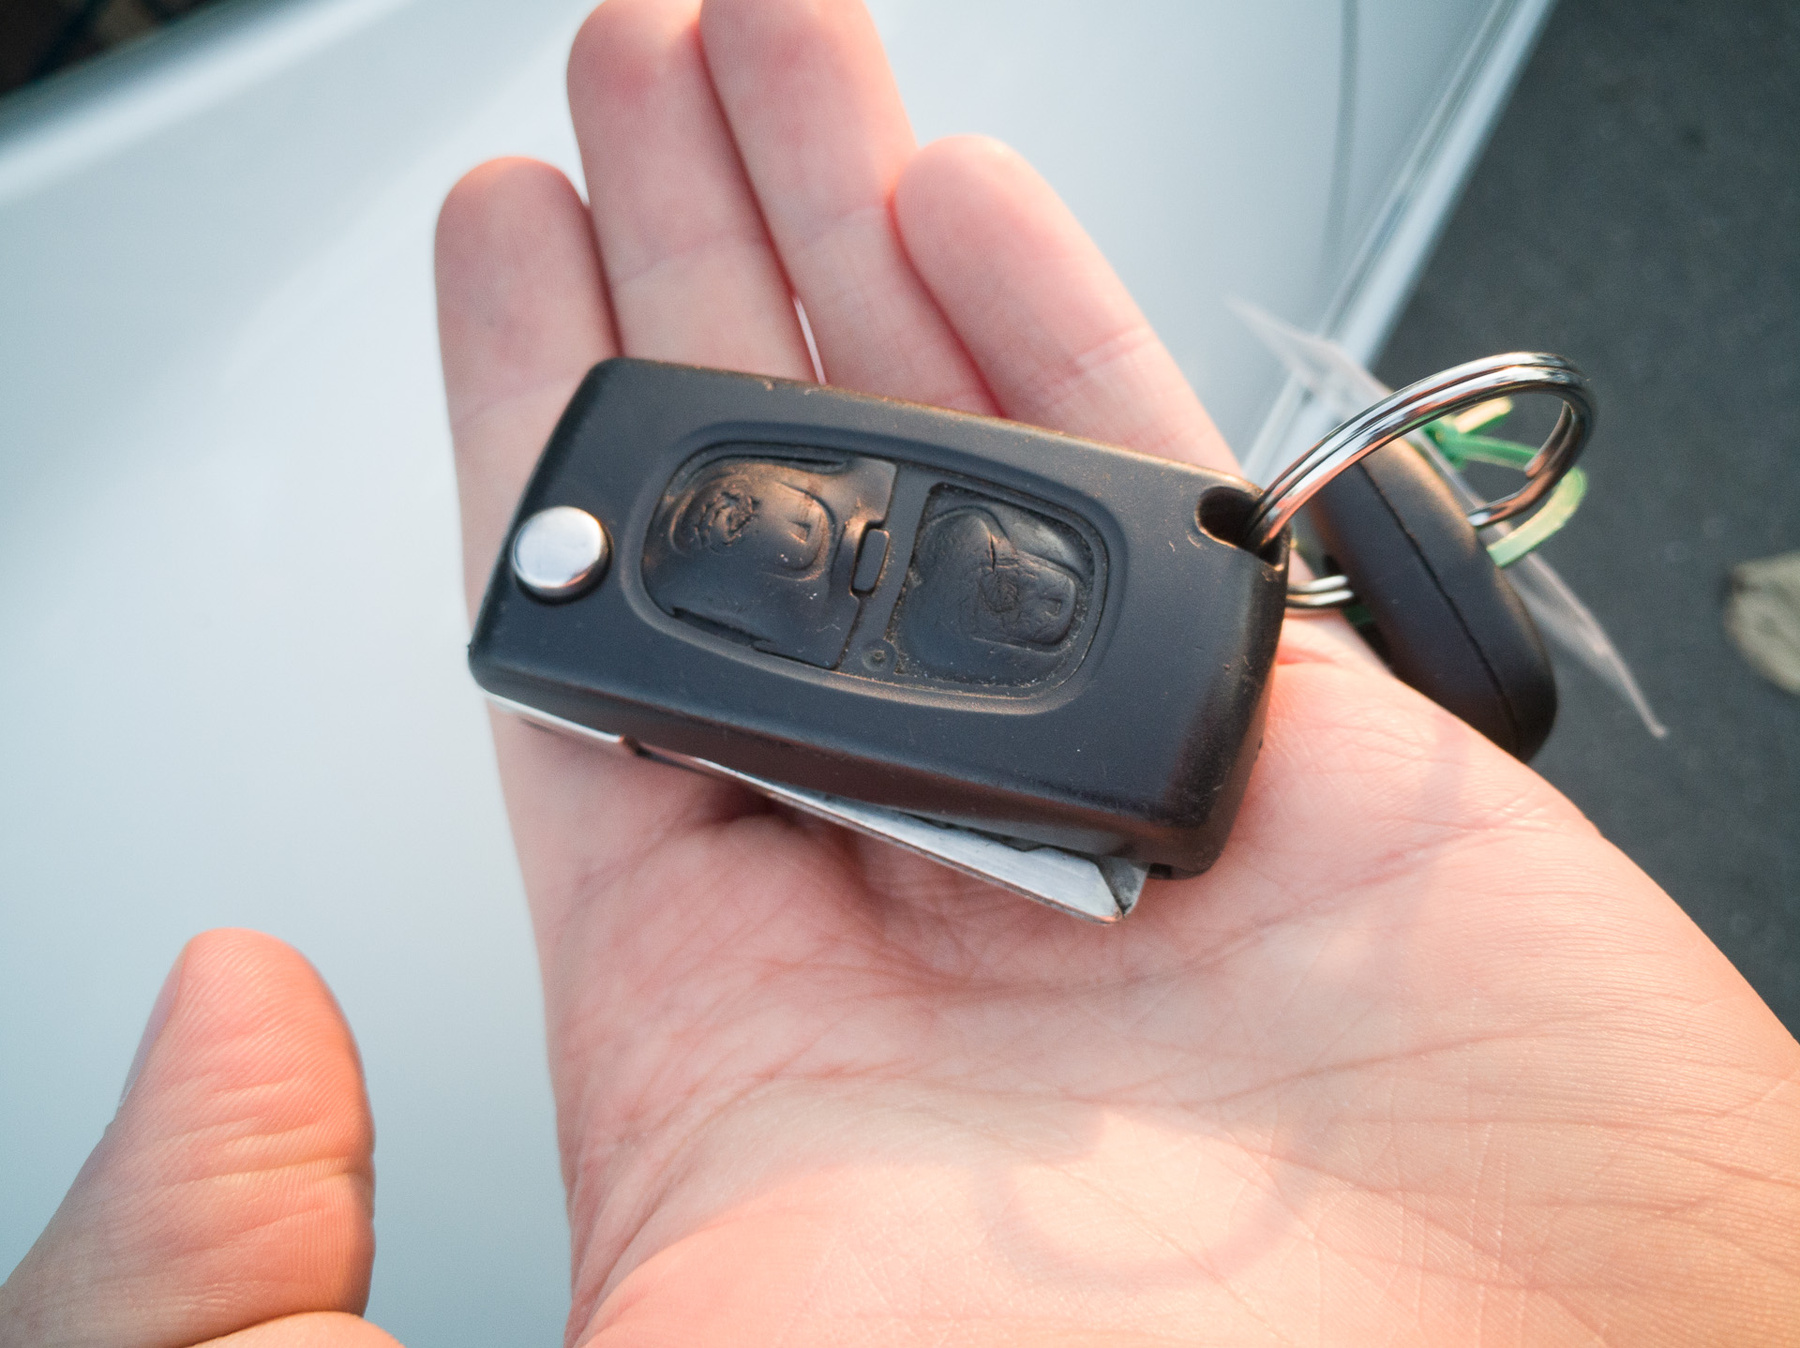 Mai telefonokkal nem mindig párosodik elsőre, de legalább van benne bluetooth-os kihangosító